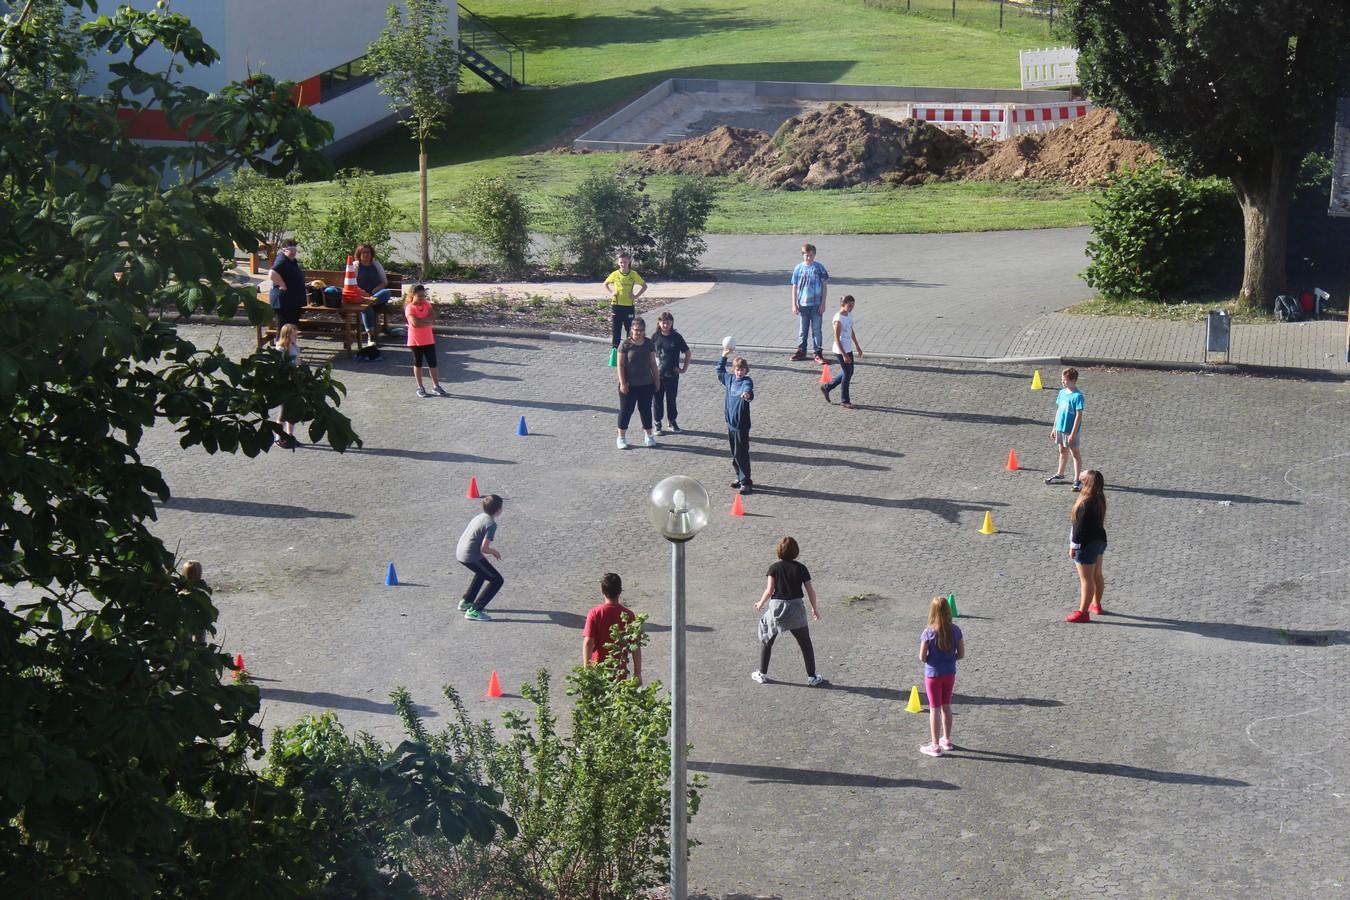 Bewegungsspiele auf dem Schulhof ...